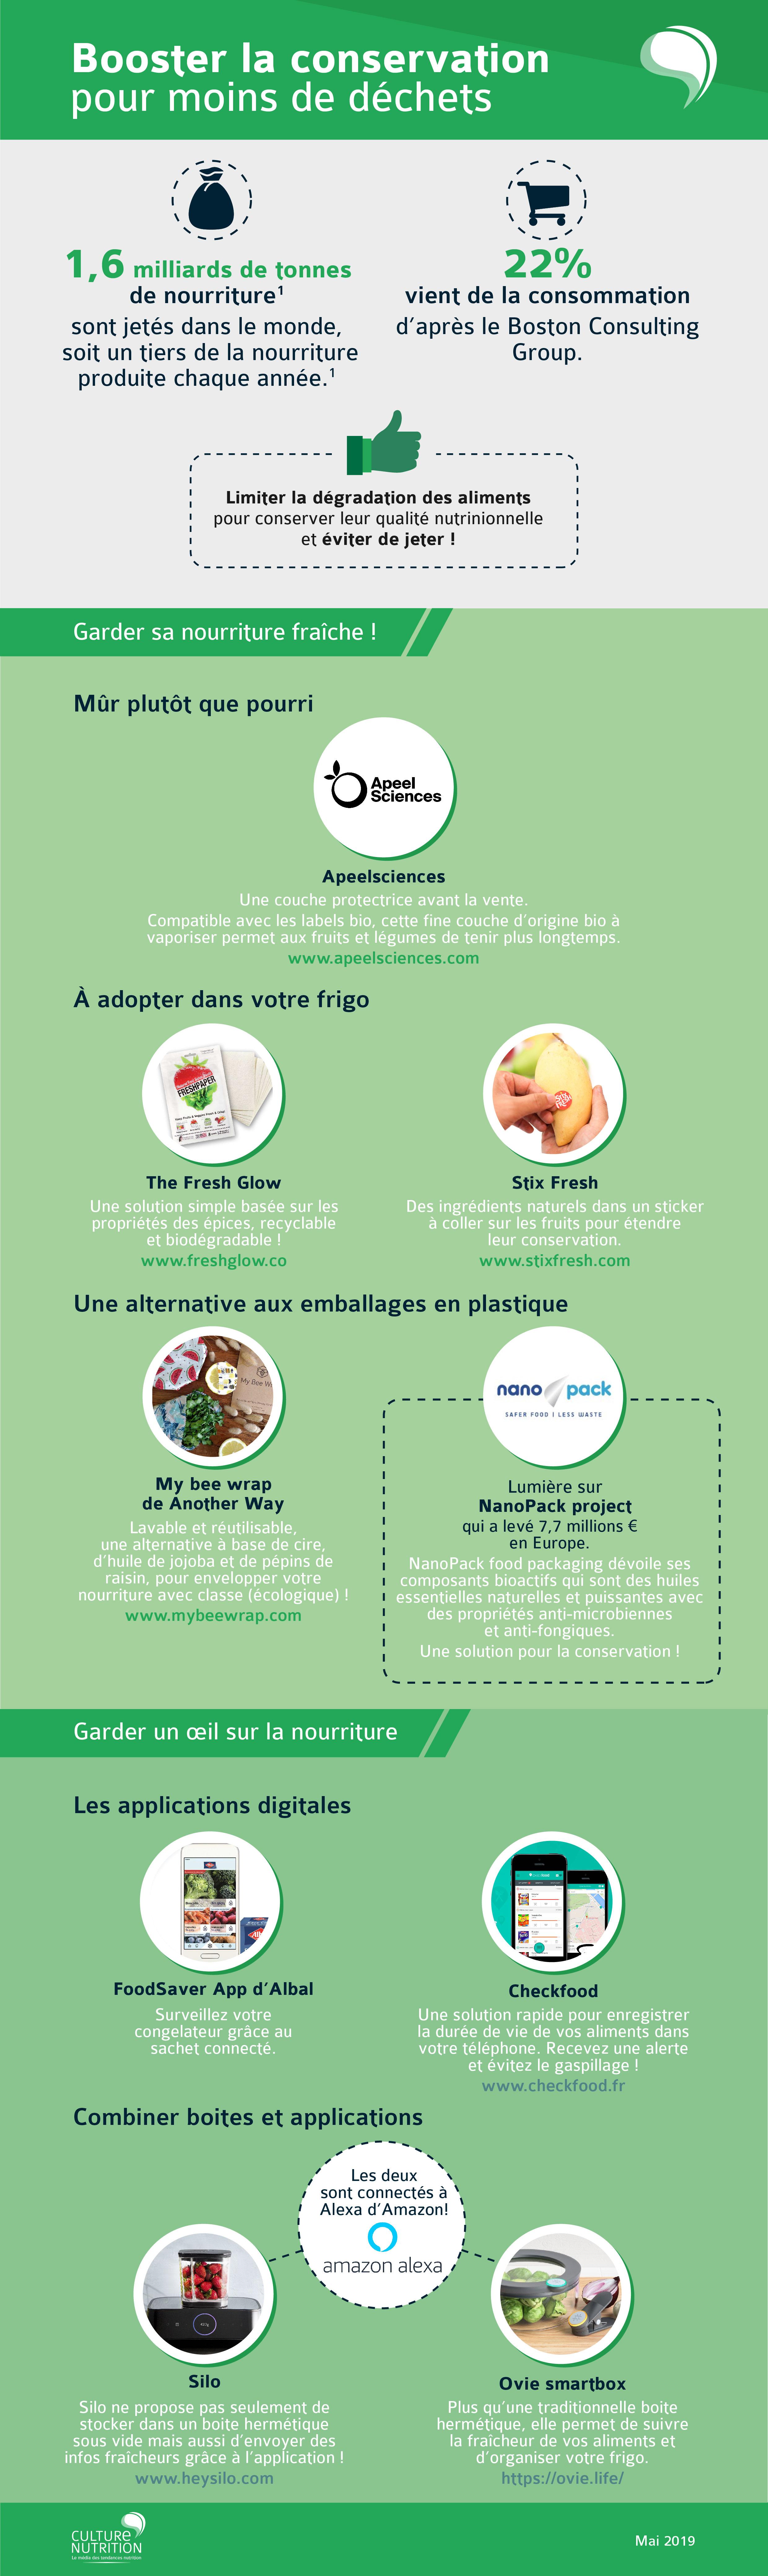 infographie sur la conservation des aliments